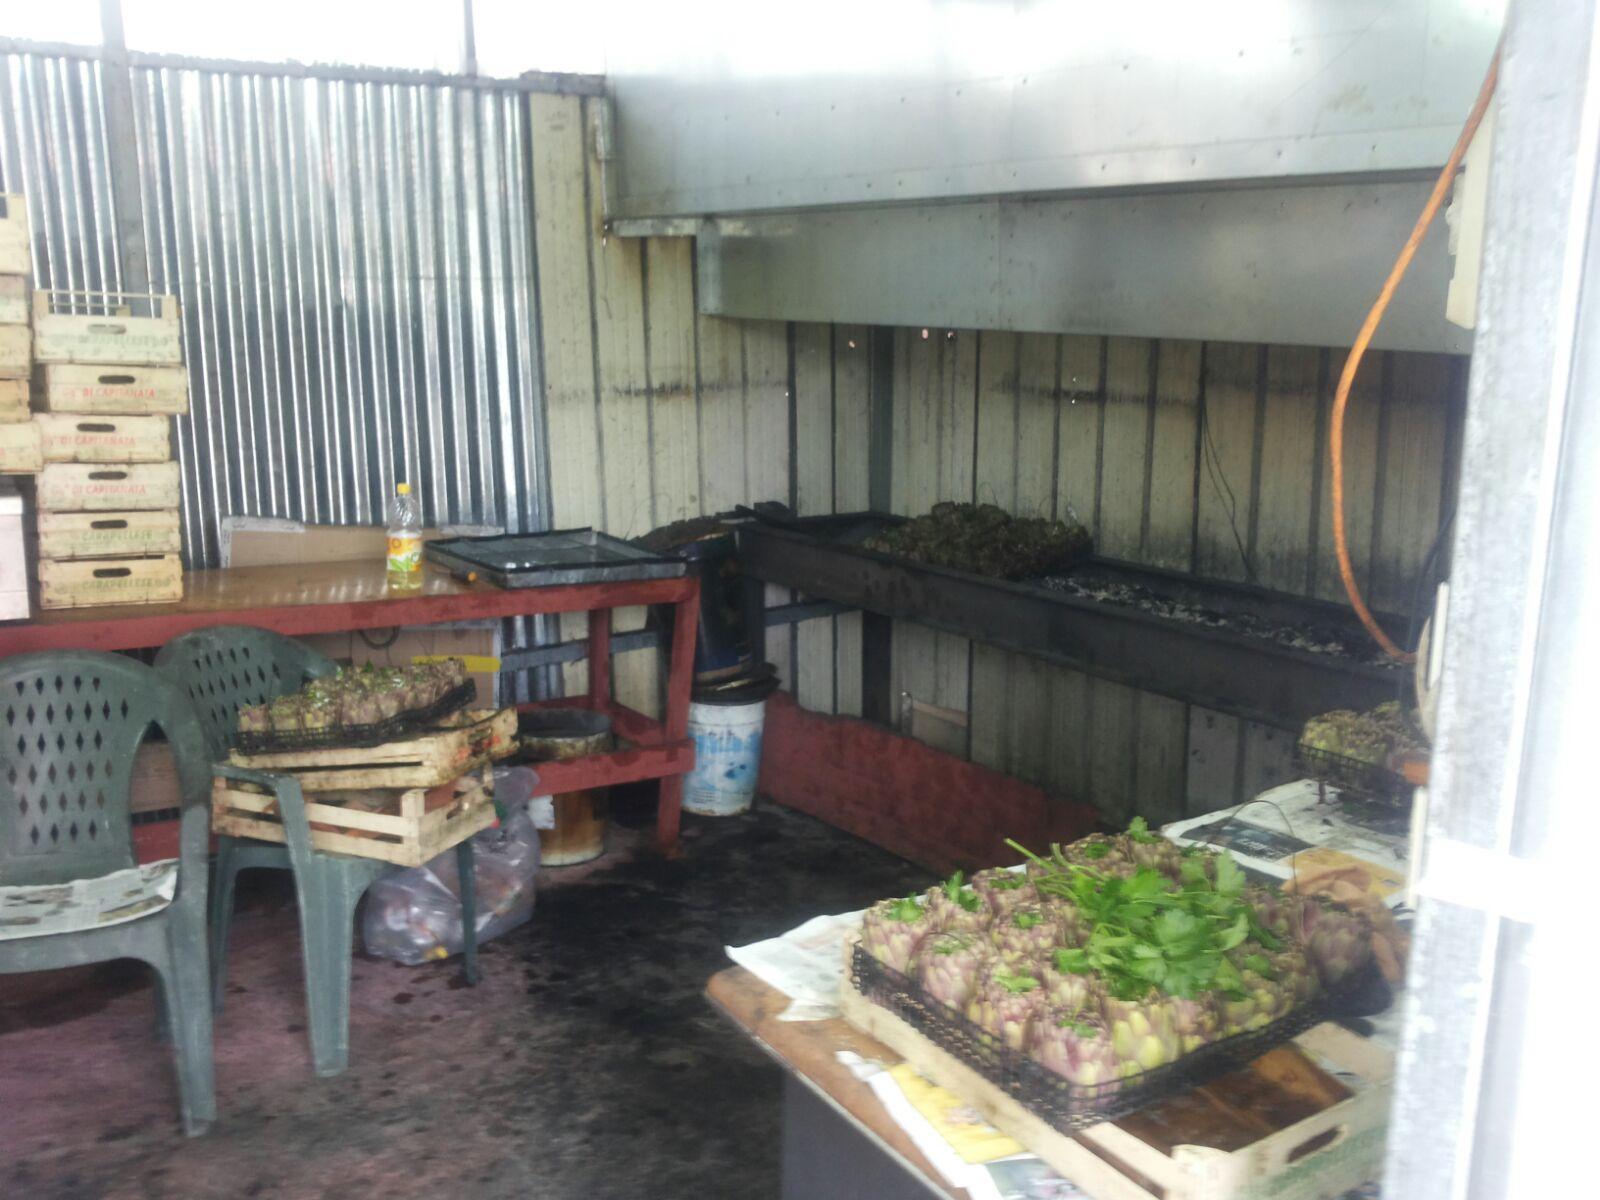 Ercolano. Sequestro di cibi cotti e alimenti lavorati venduti senza autorizzazione, multe per oltre 10mila euro.